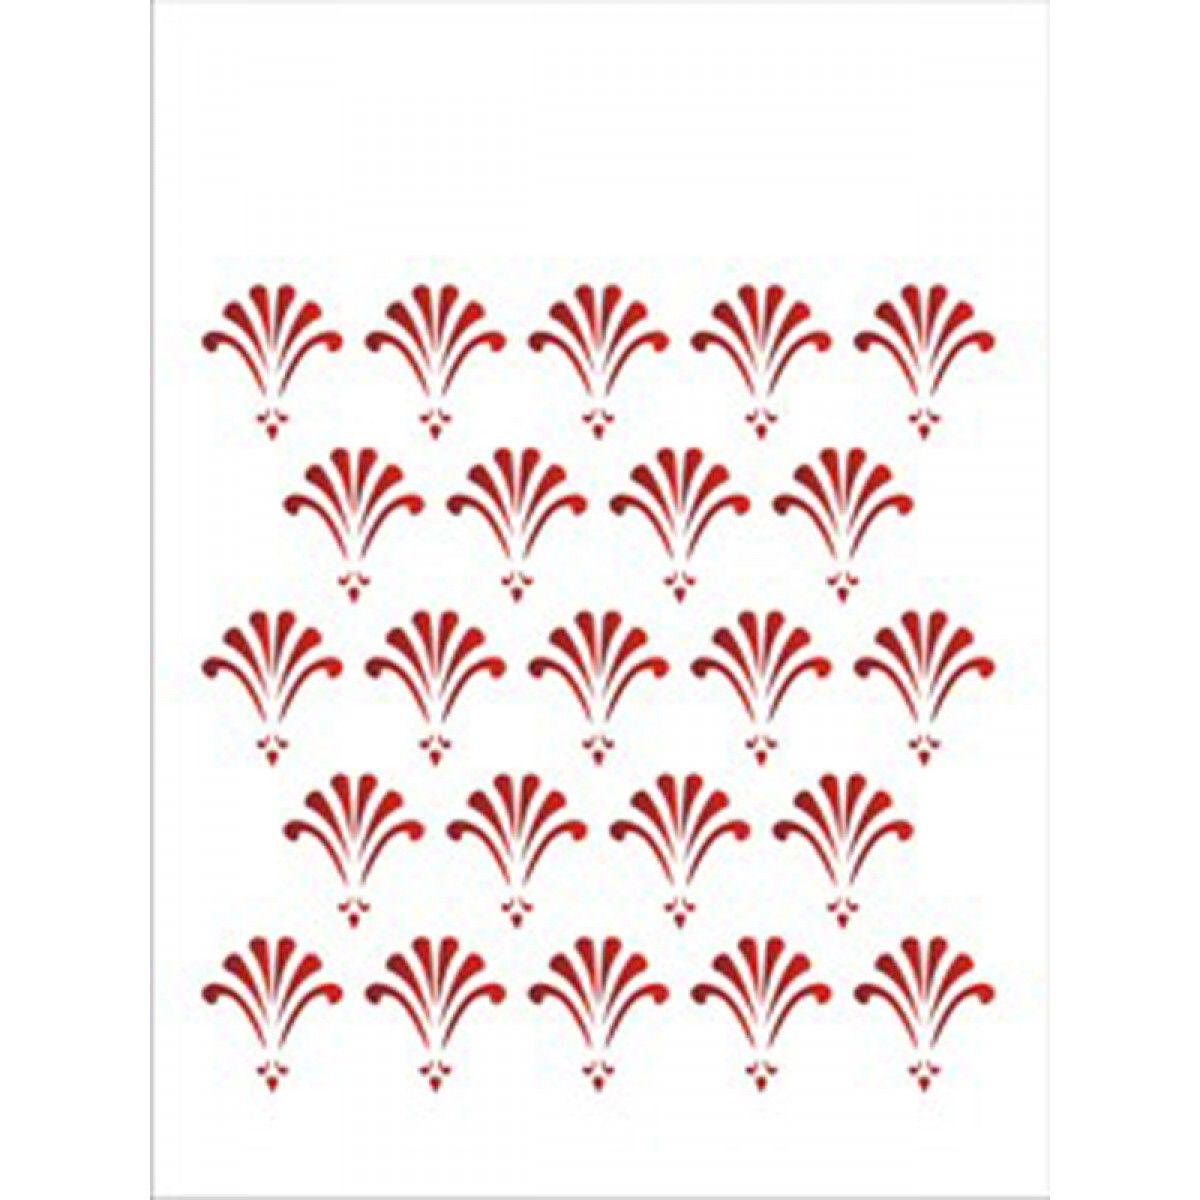 stencil de estamparia - Pesquisa Google